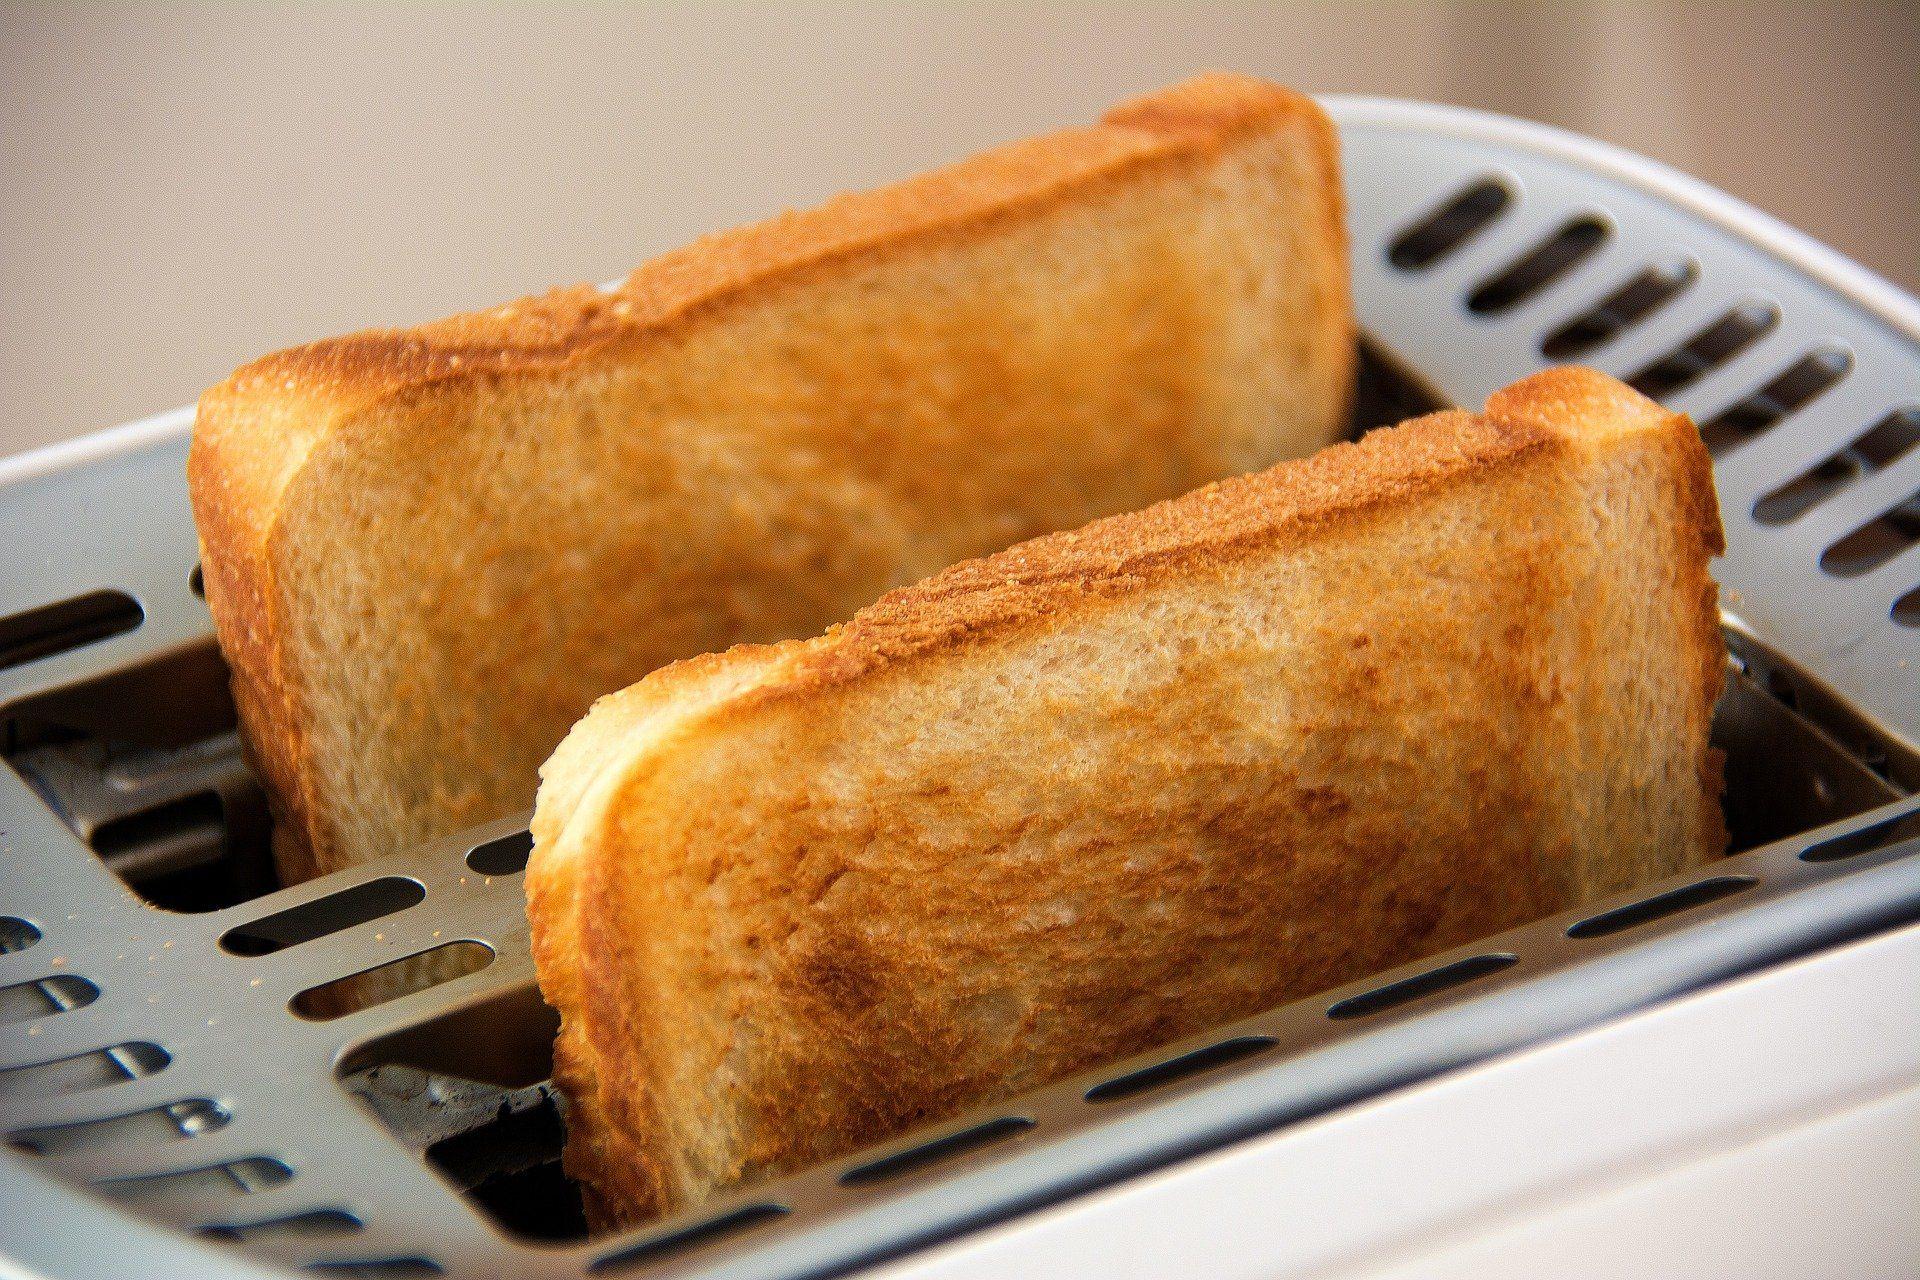 Ventajas de las tostadoras a batería según Tostadoras.info